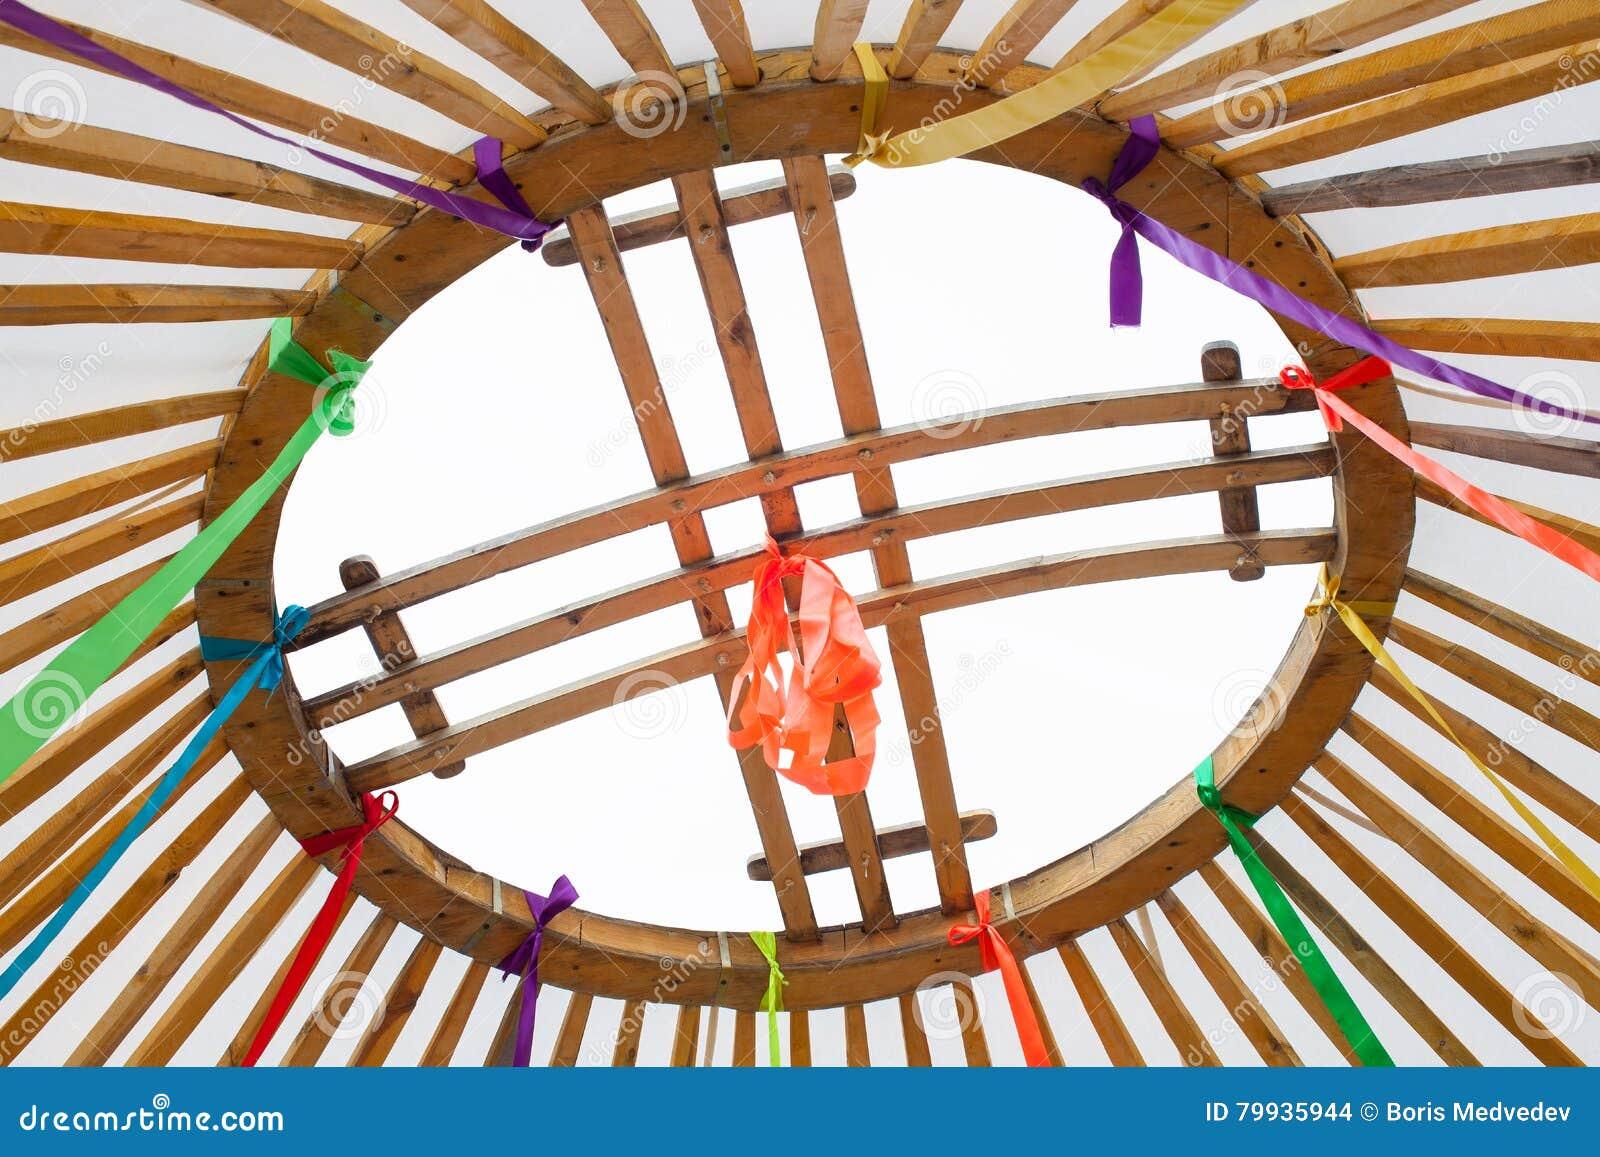 Élément de Shanyrak qui couronne le dôme du Yurt sous forme de trellis de la croix, inscrit dans un cercle pour créer un ouvert